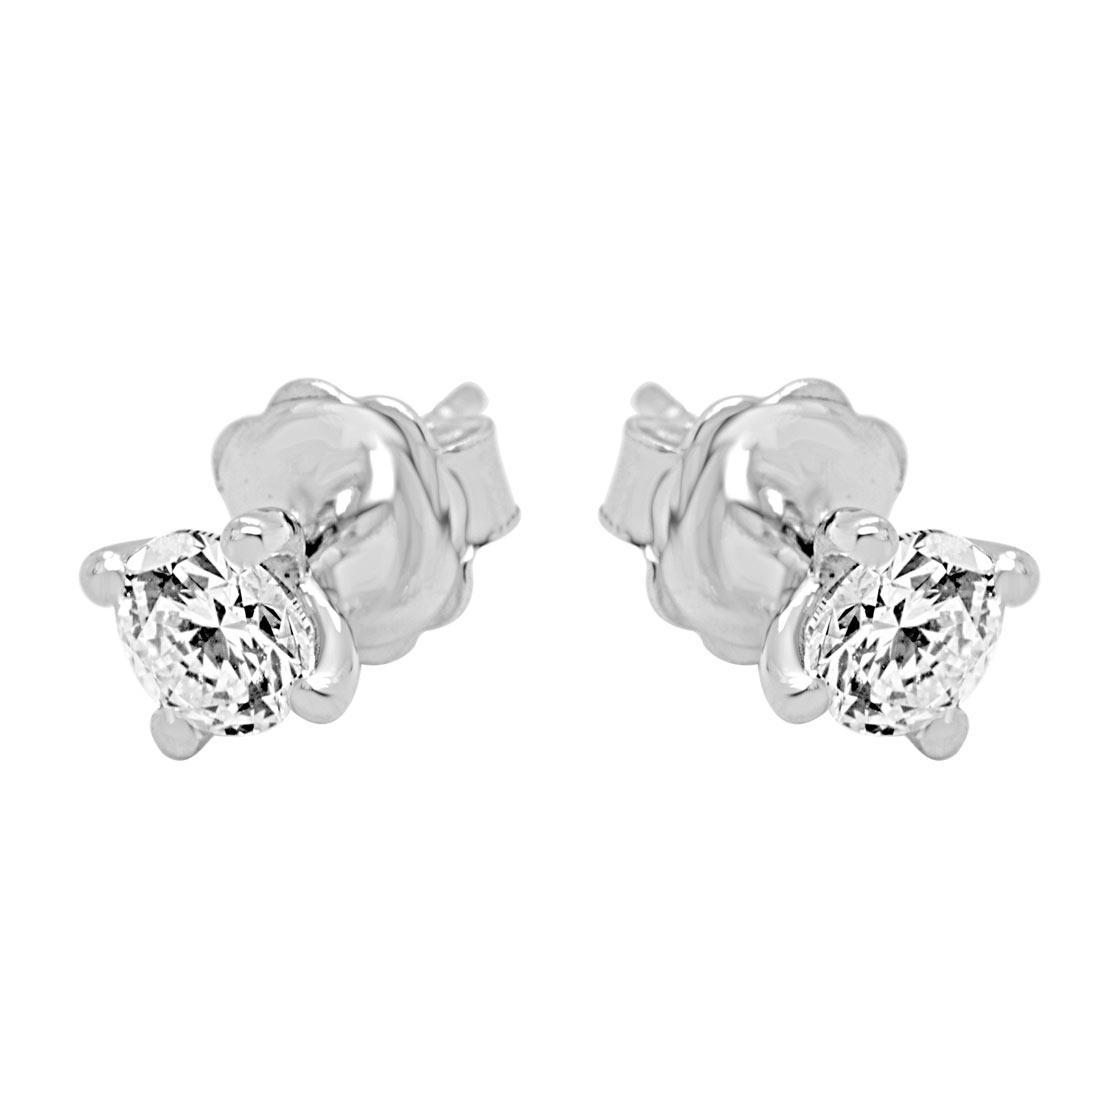 Orecchini punto luce in oro bianco con diamanti 1.00 ct - ALFIERI & ST. JOHN